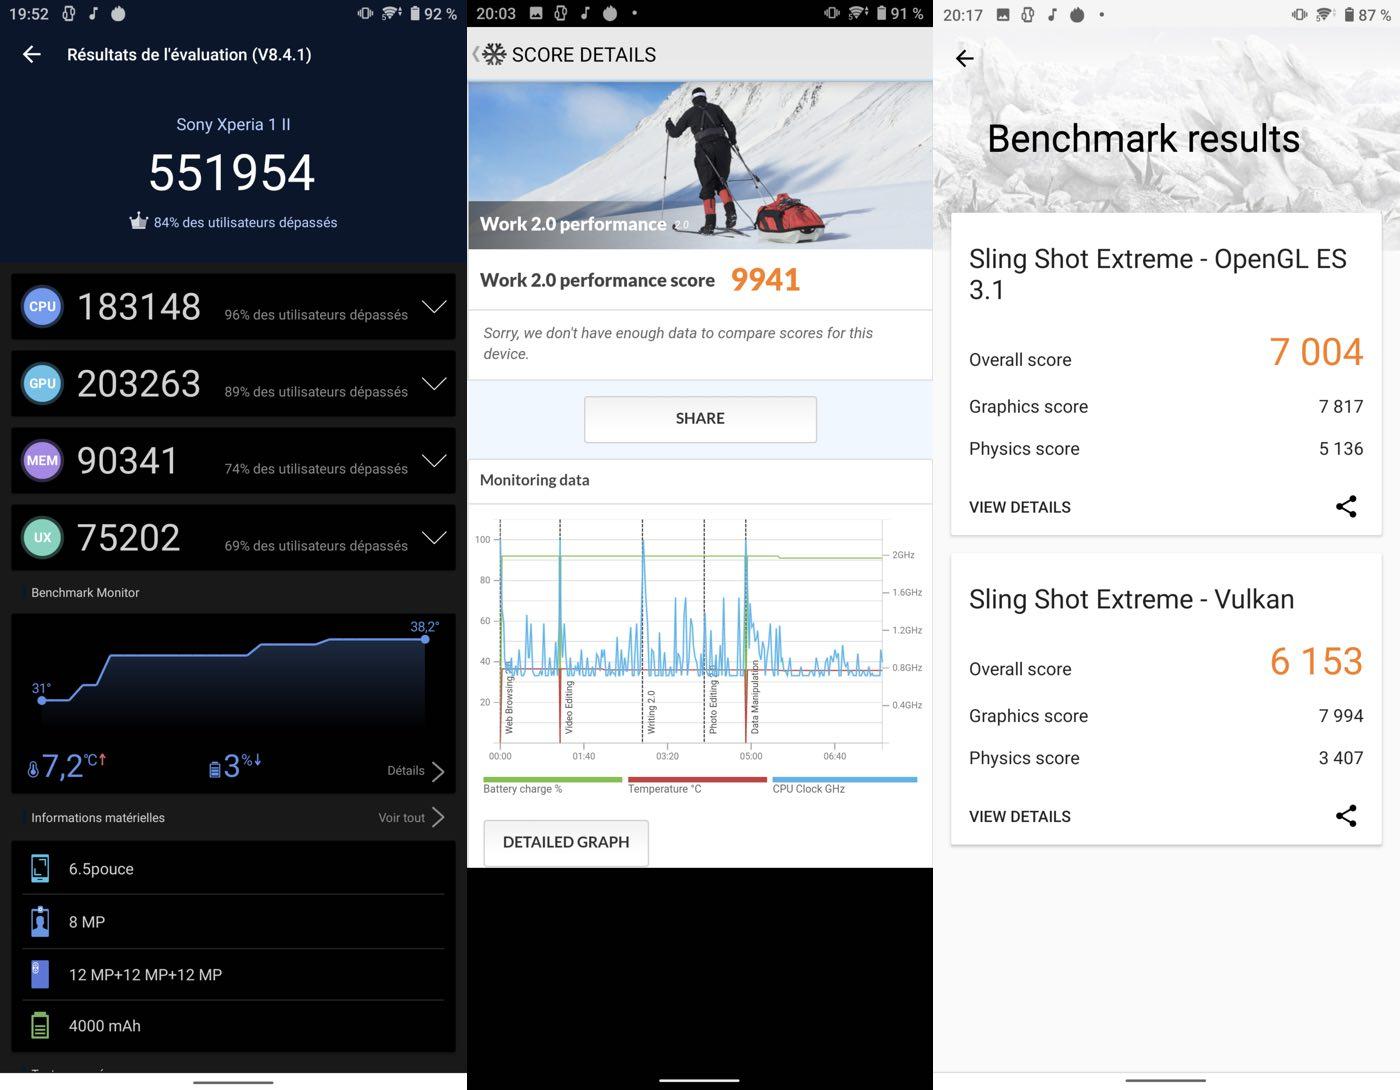 test sony xperia 1 ii benchmarks